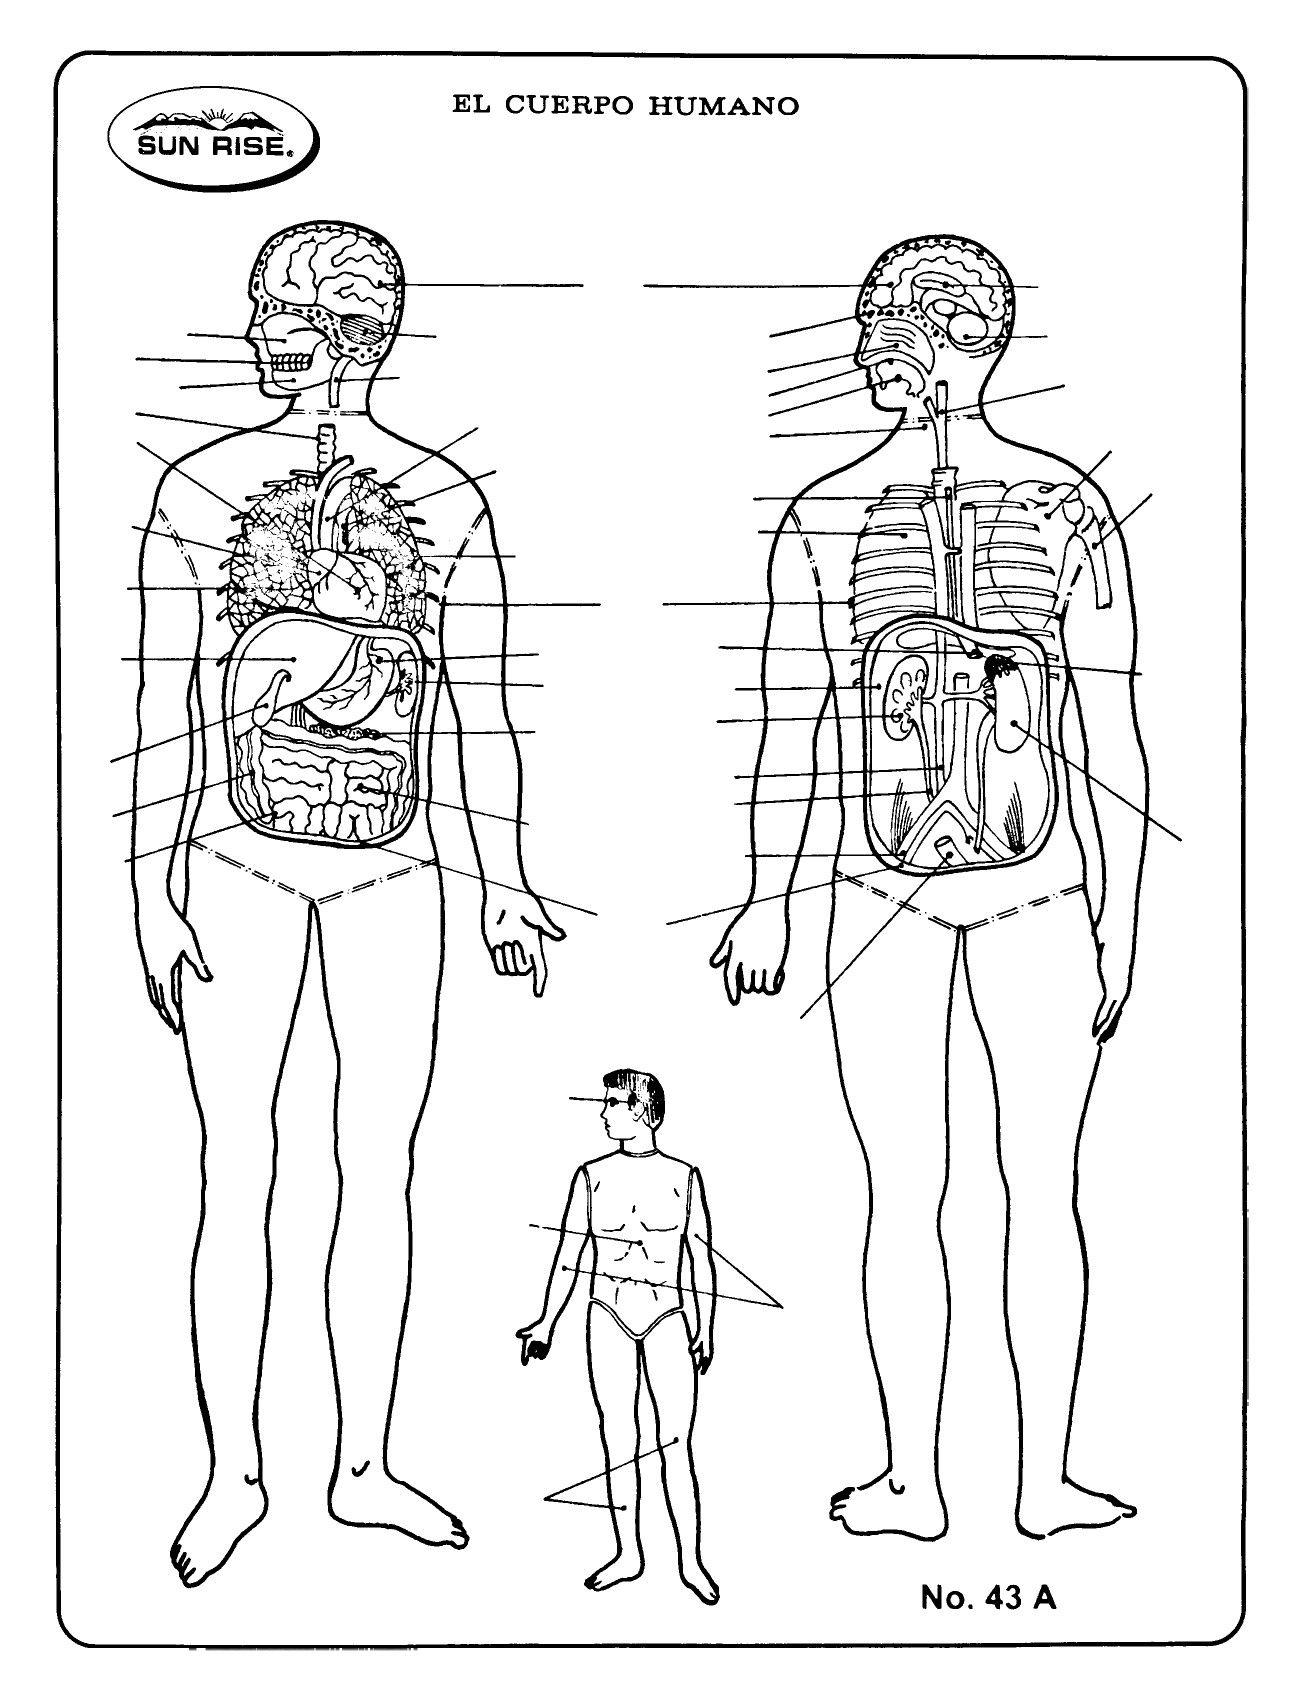 Esquema Cuerpo Humano Sin Nombres Cuerpo Humano Cuerpo Humano Dibujo Cuerpo